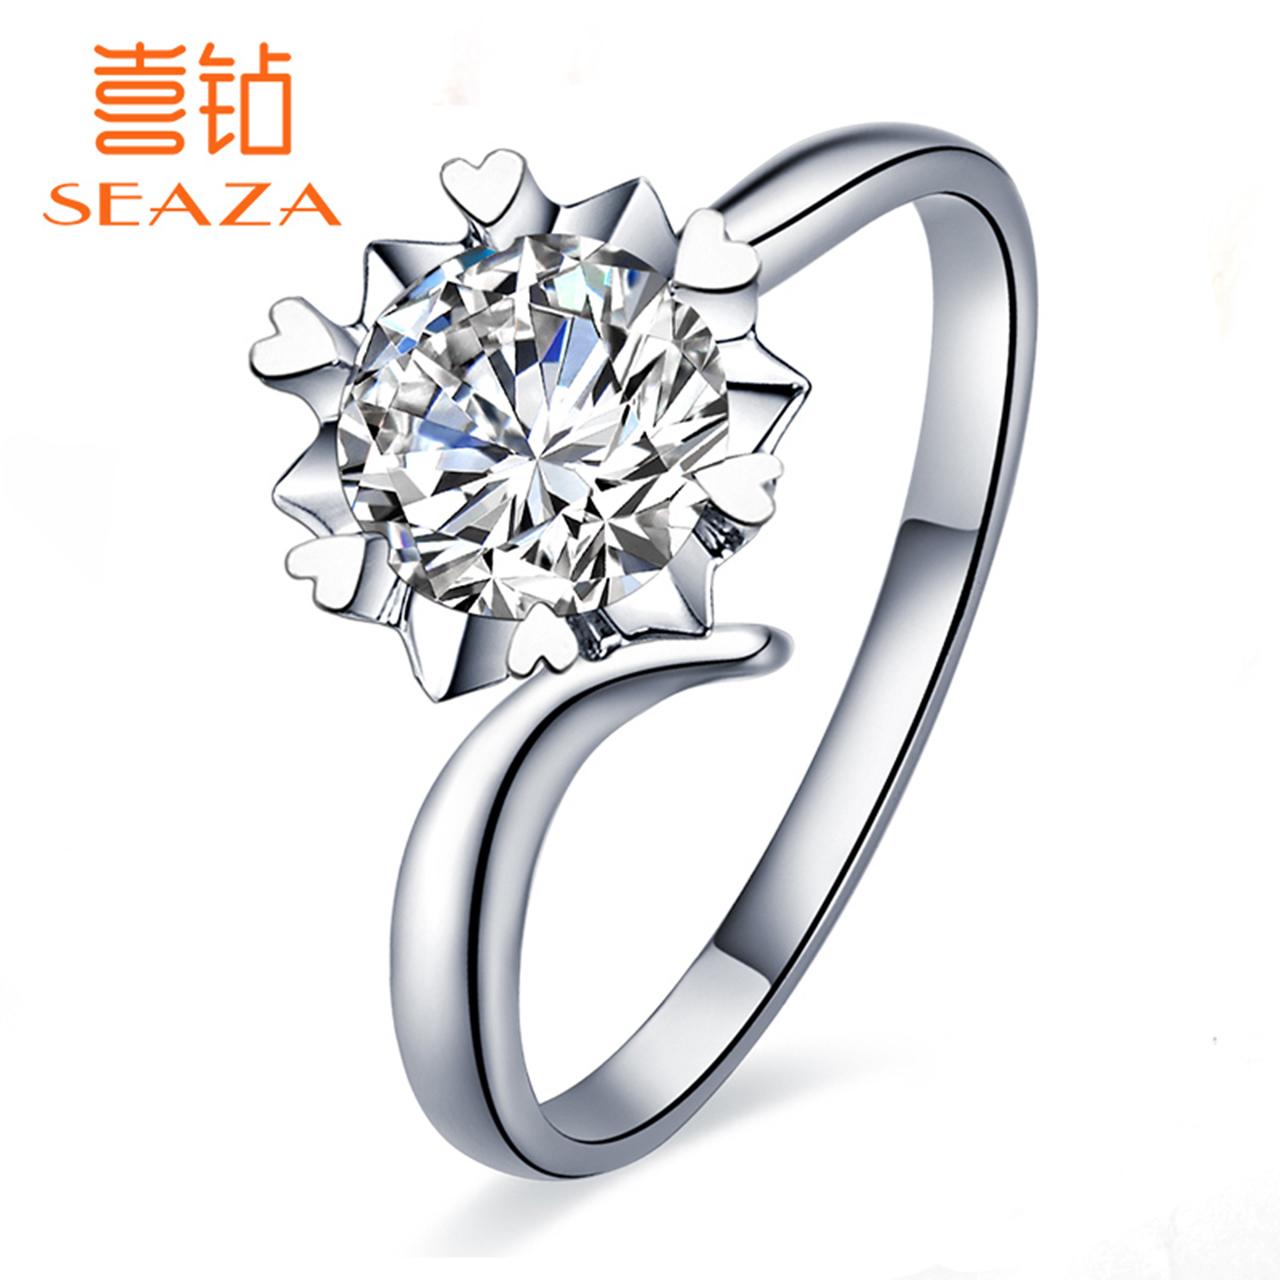 喜钻 白18K金雪花扭臂结婚戒指钻戒求婚钻石女戒显钻款克拉大钻戒